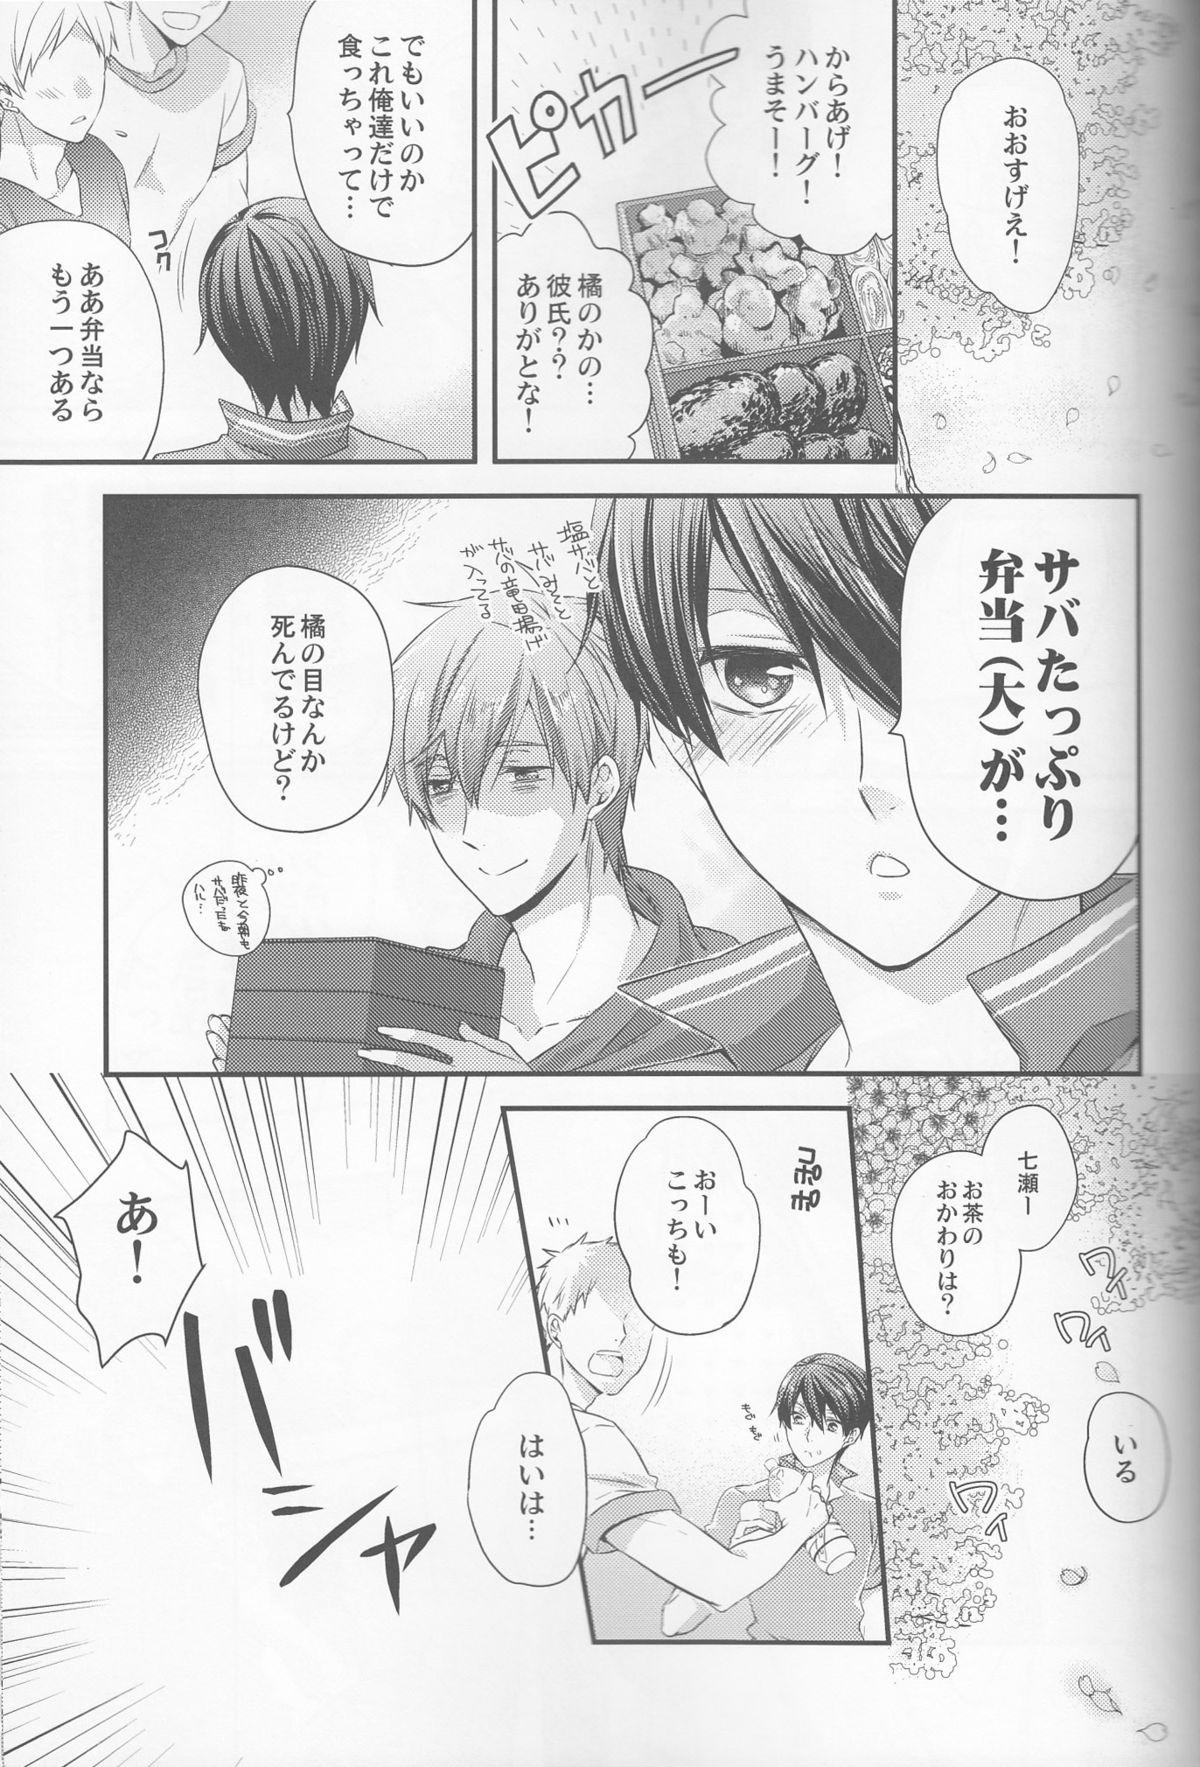 Hajimemashite Yome desu. 12